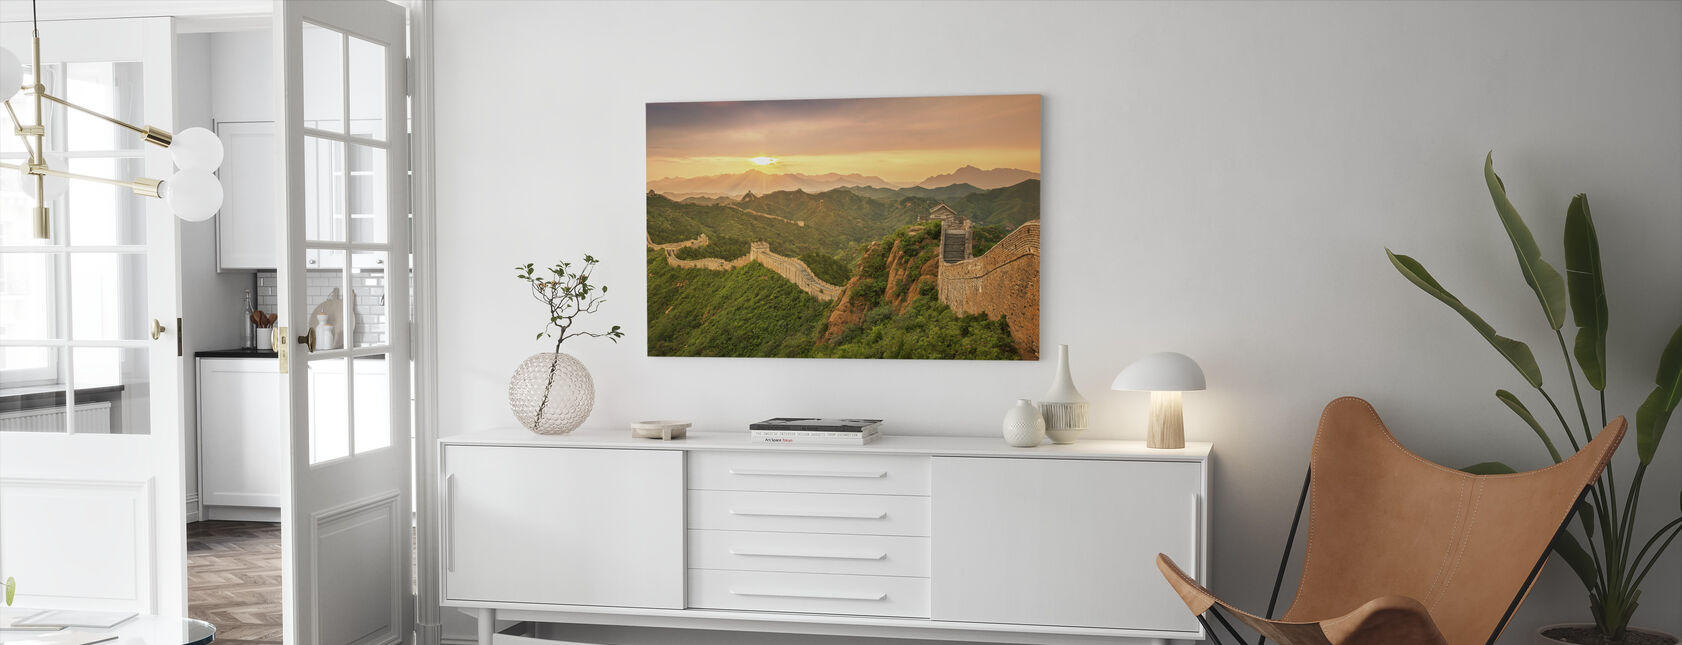 Chinesische Mauer bei Sonnenaufgang - Leinwandbild - Wohnzimmer